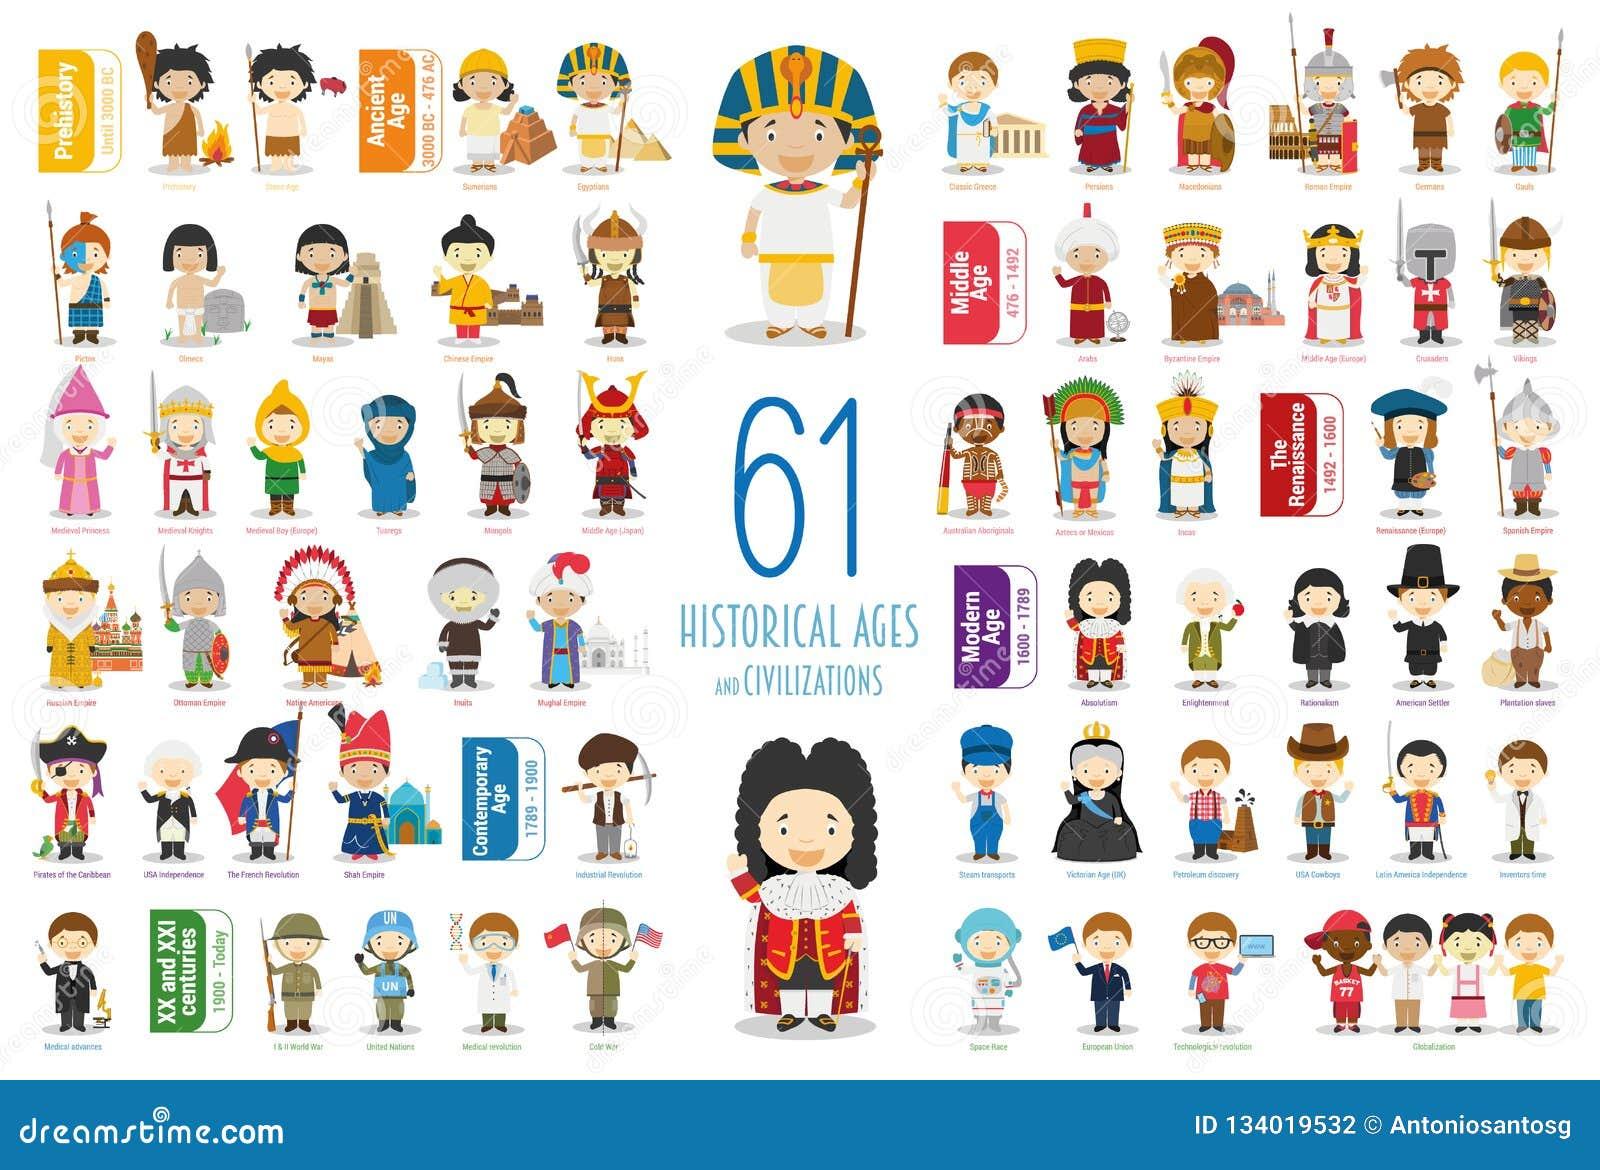 Raccolta dei caratteri di vettore dei bambini: Metta delle 61 età e civilizzazione storiche nello stile del fumetto